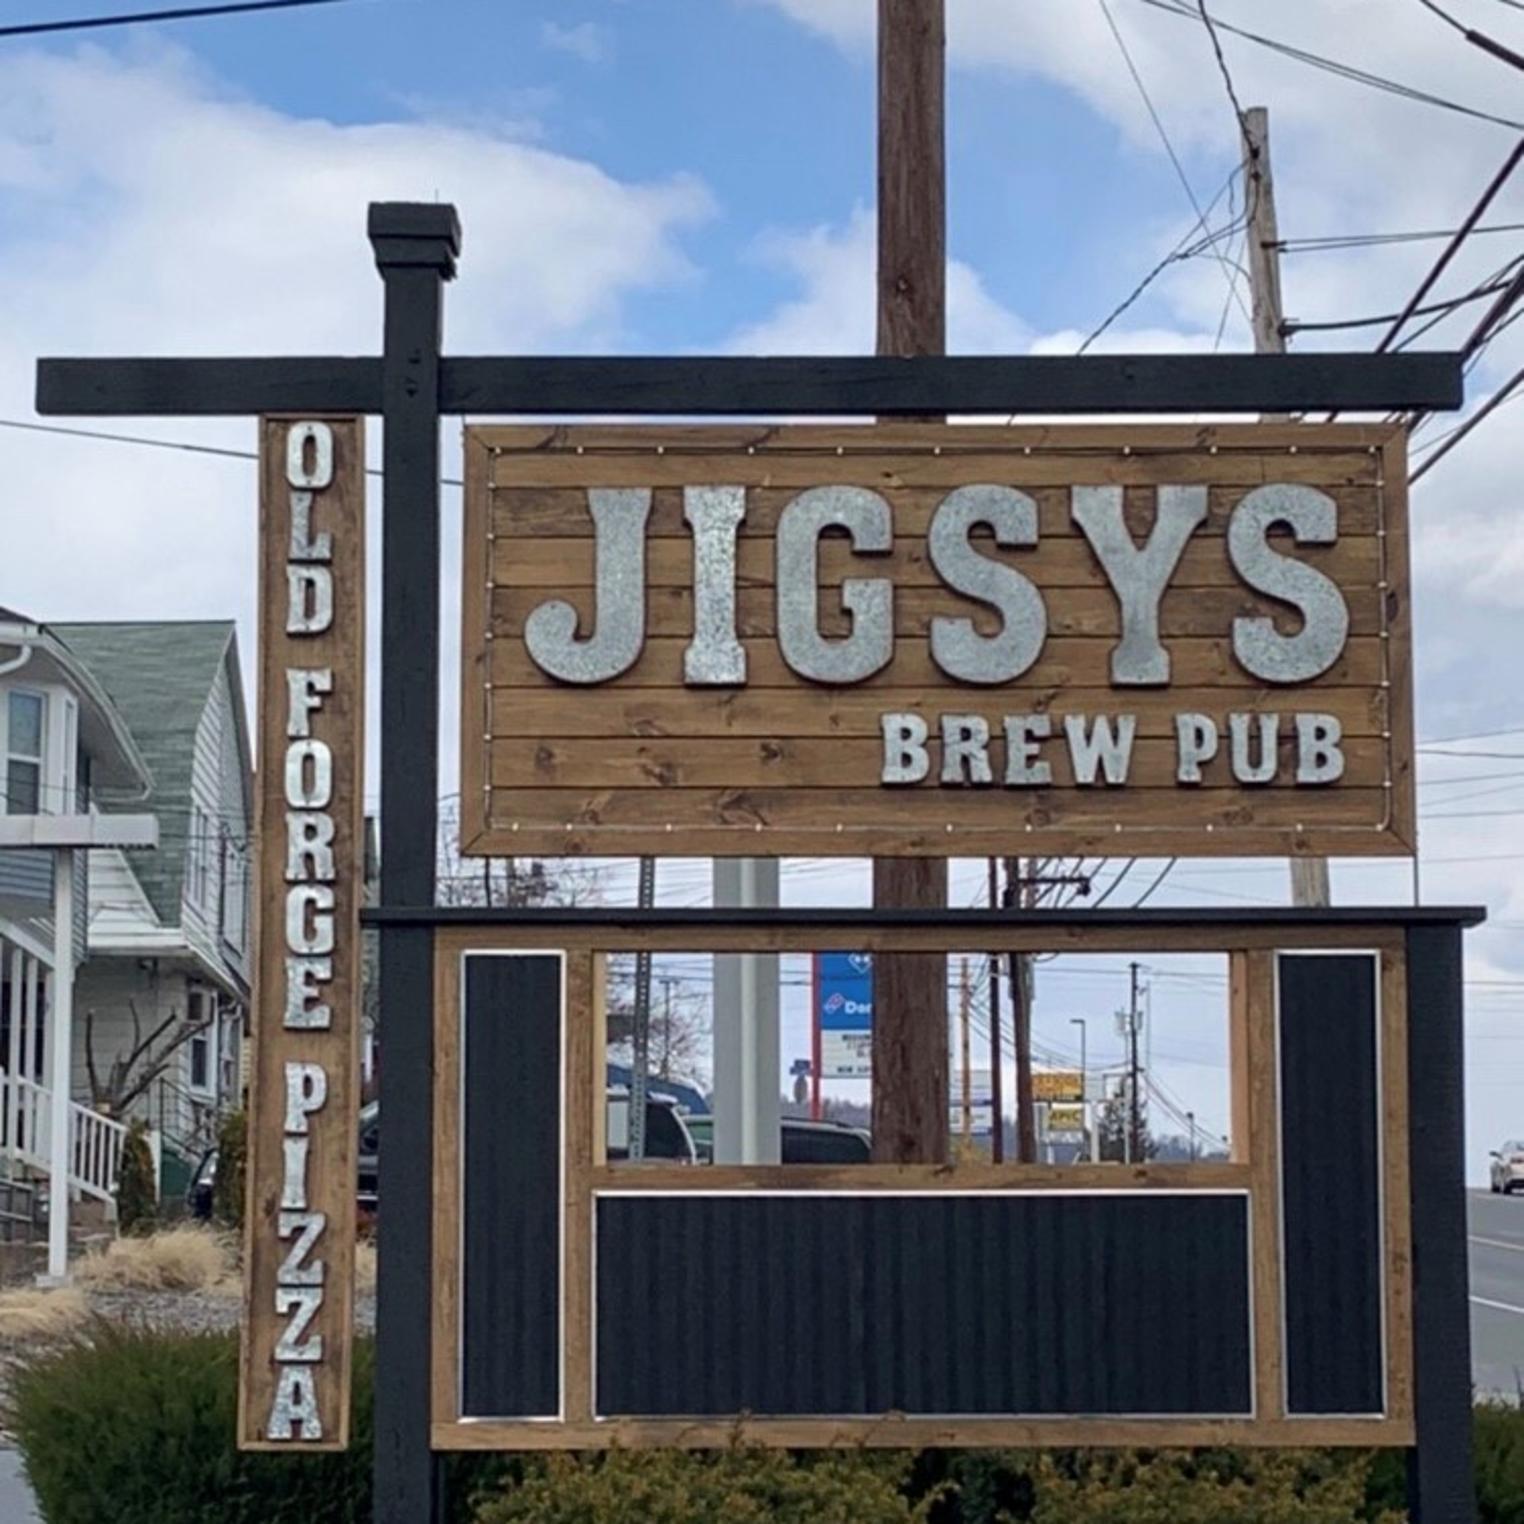 Jigsy's